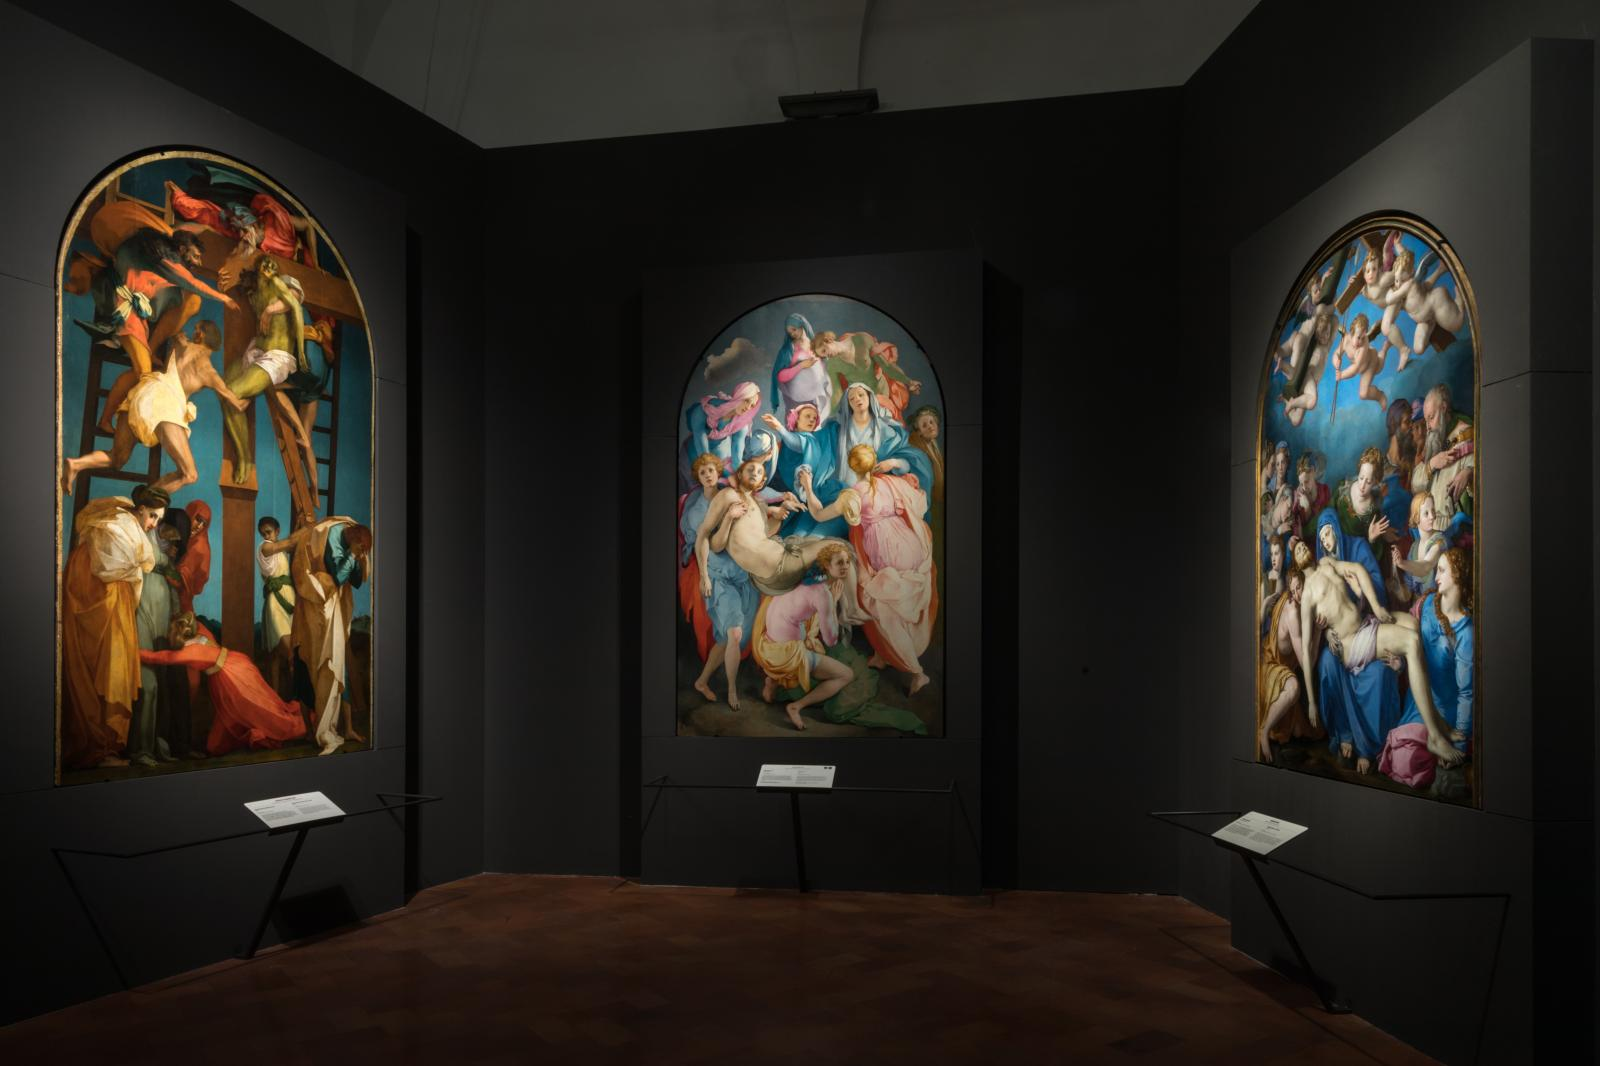 Vue de l'exposition avec les trois Dépositions de Rosso, de Pontormo et de Bronzino.